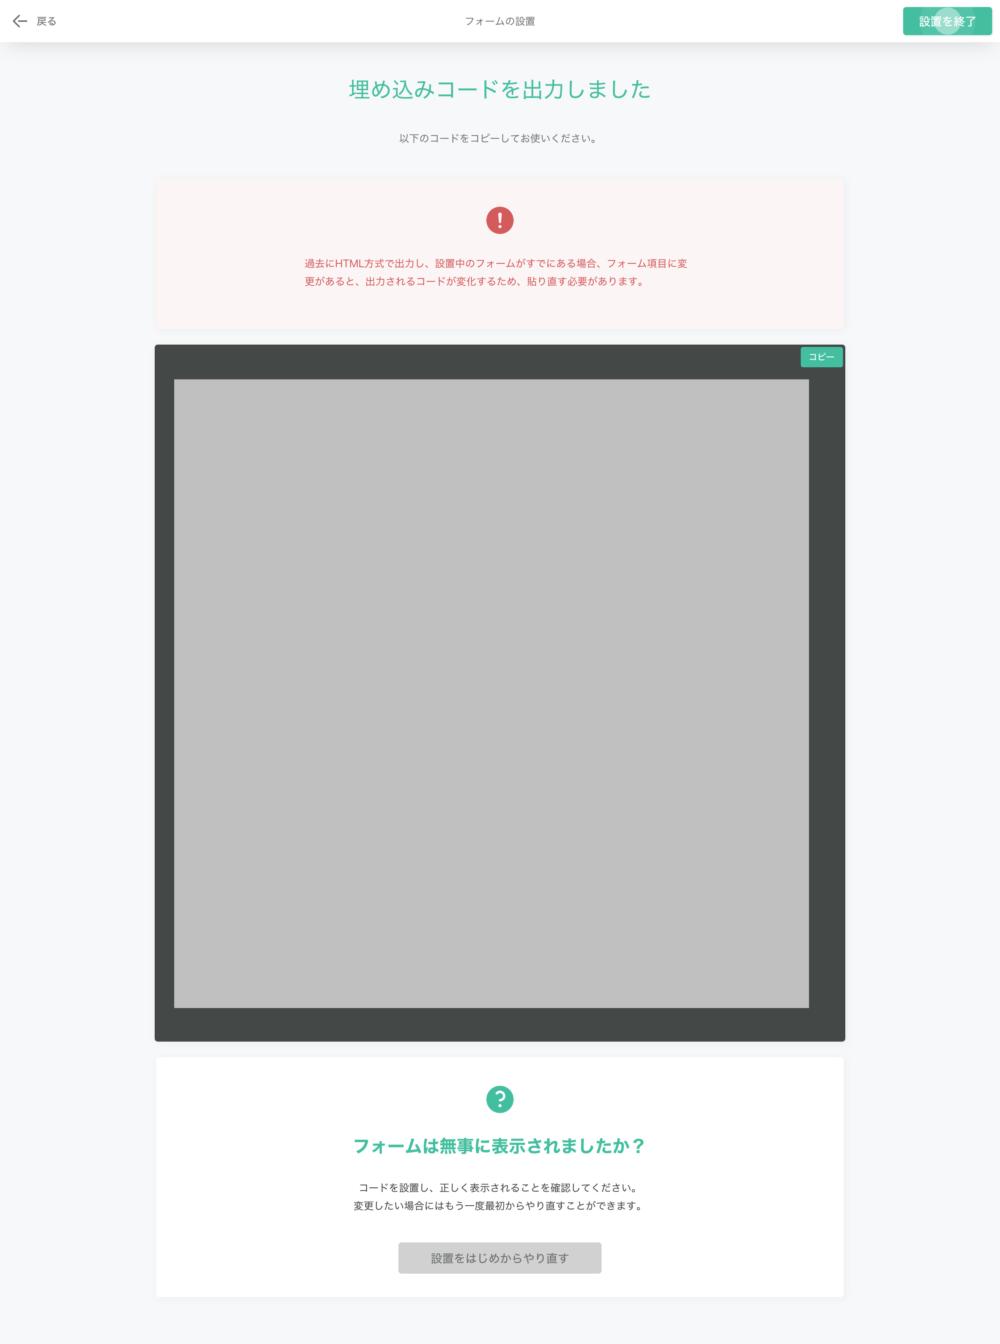 12. HTMLコード出力